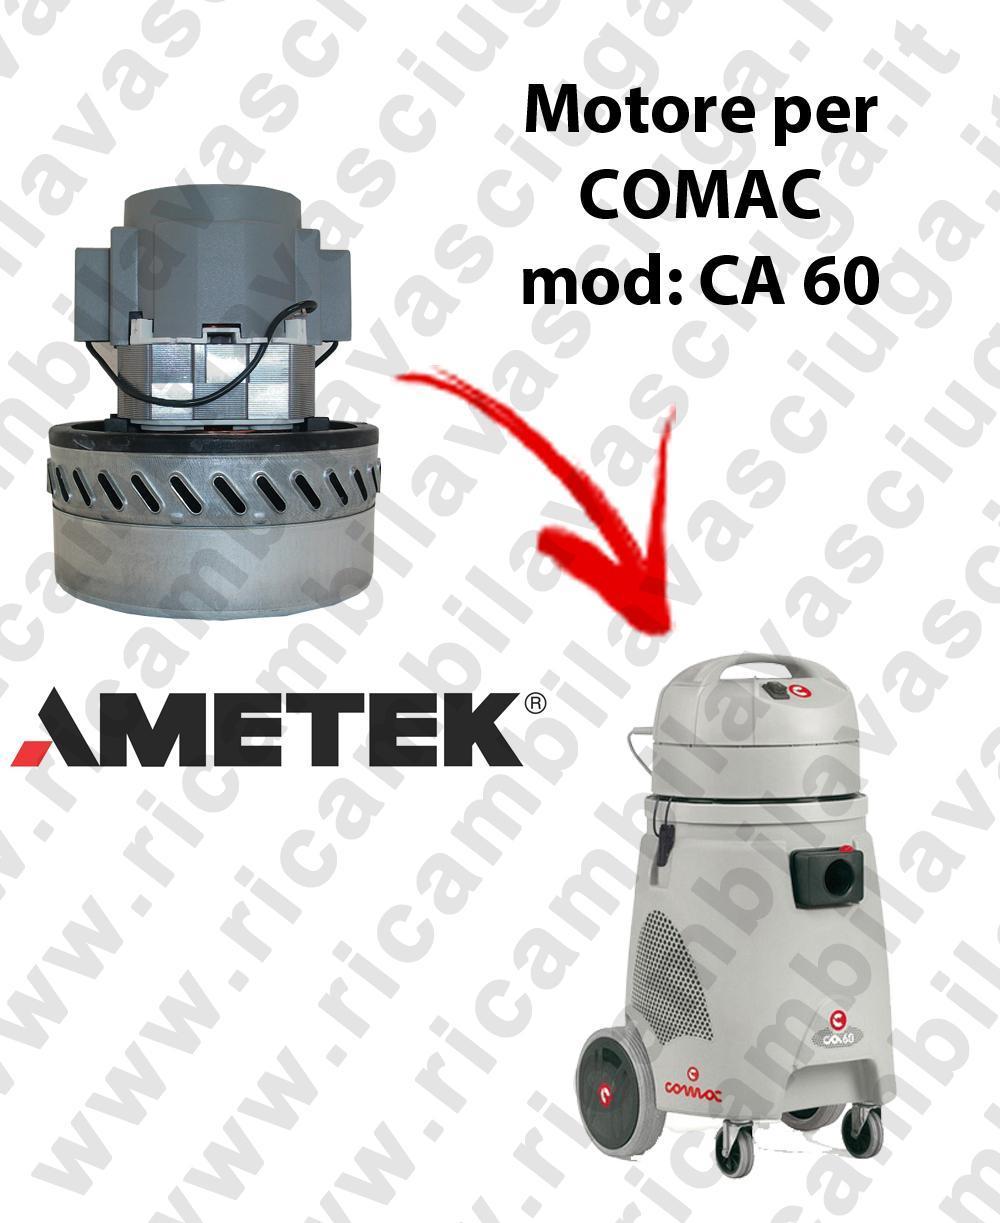 CA 60 MOTEUR AMETEK aspiration pour aspirateur et aspirateur à eau COMAC